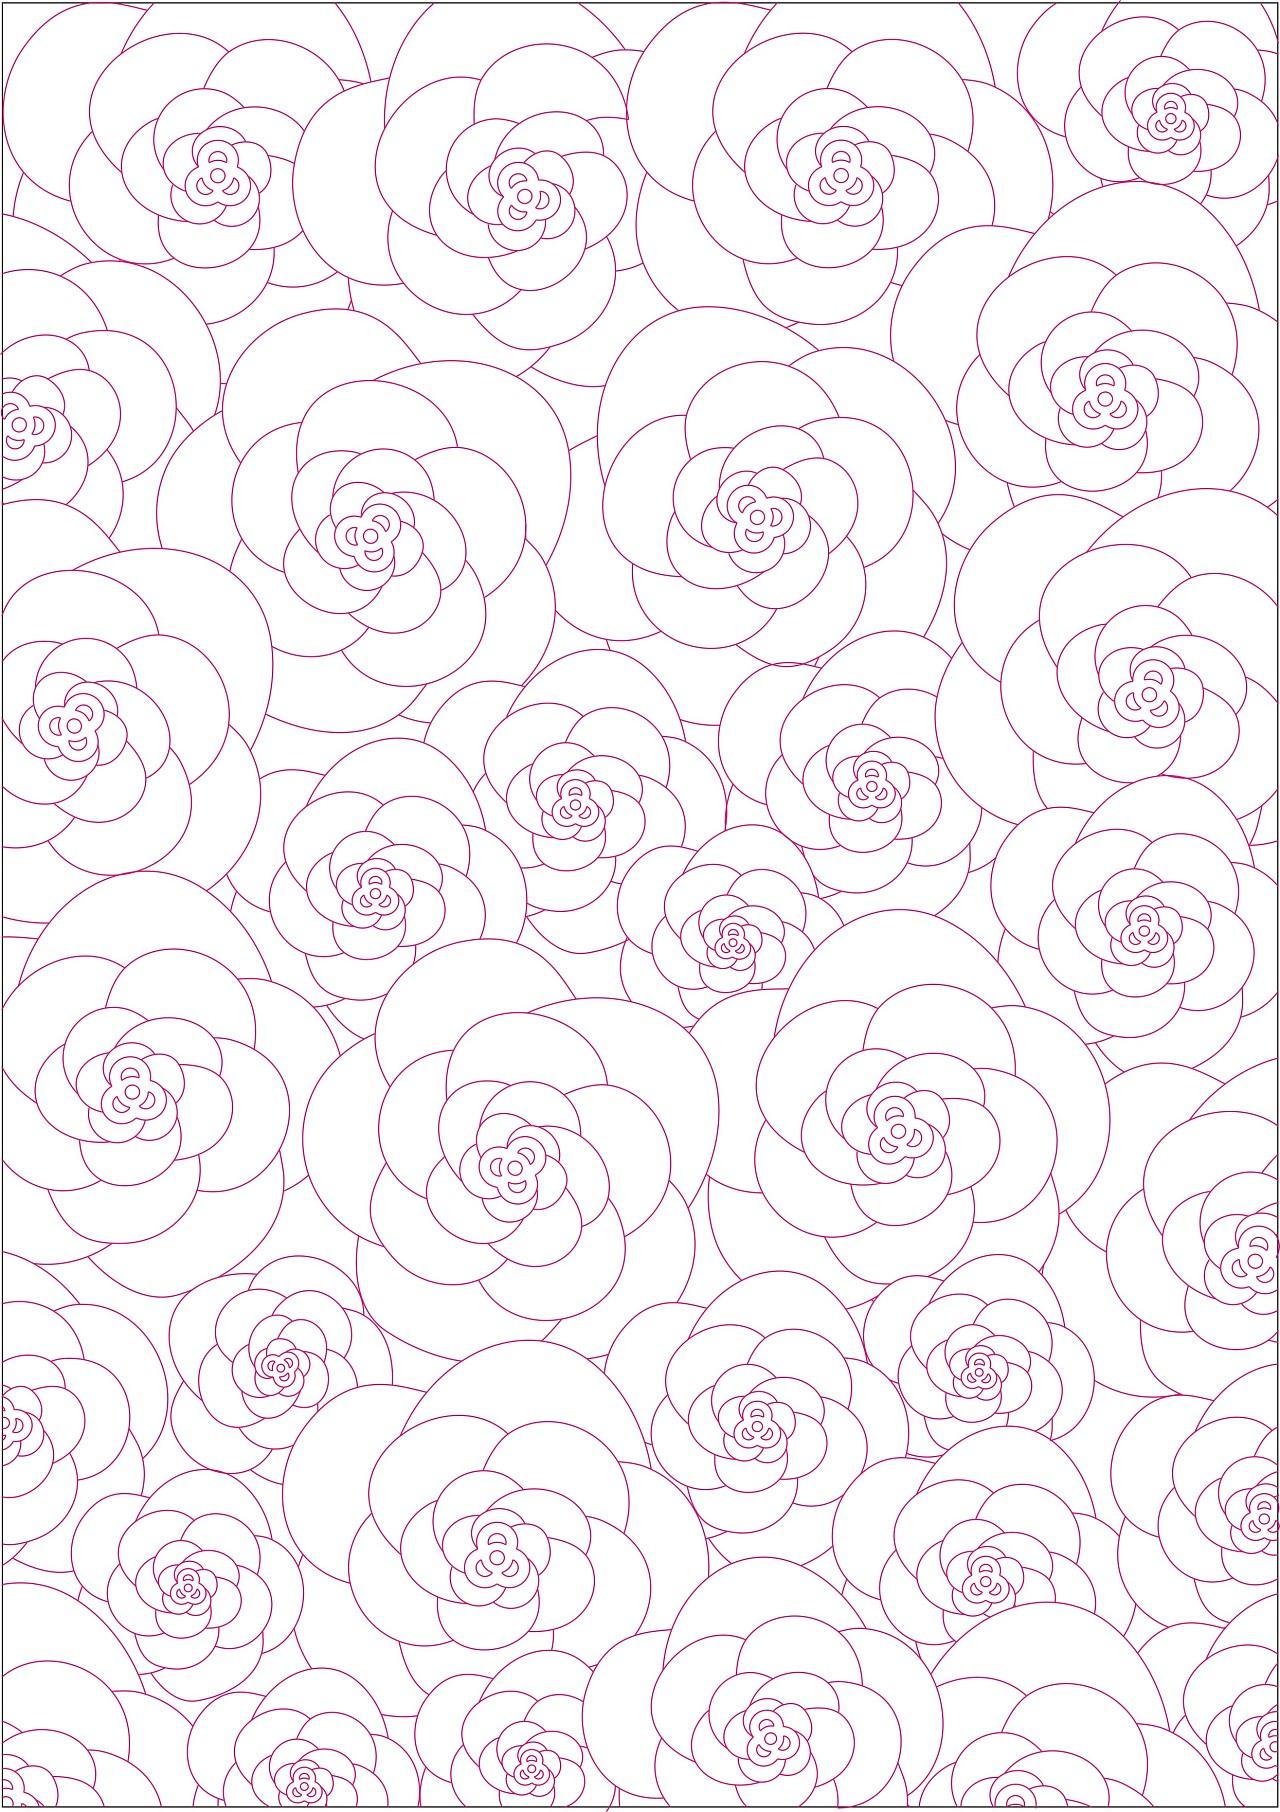 一张a4纸的花